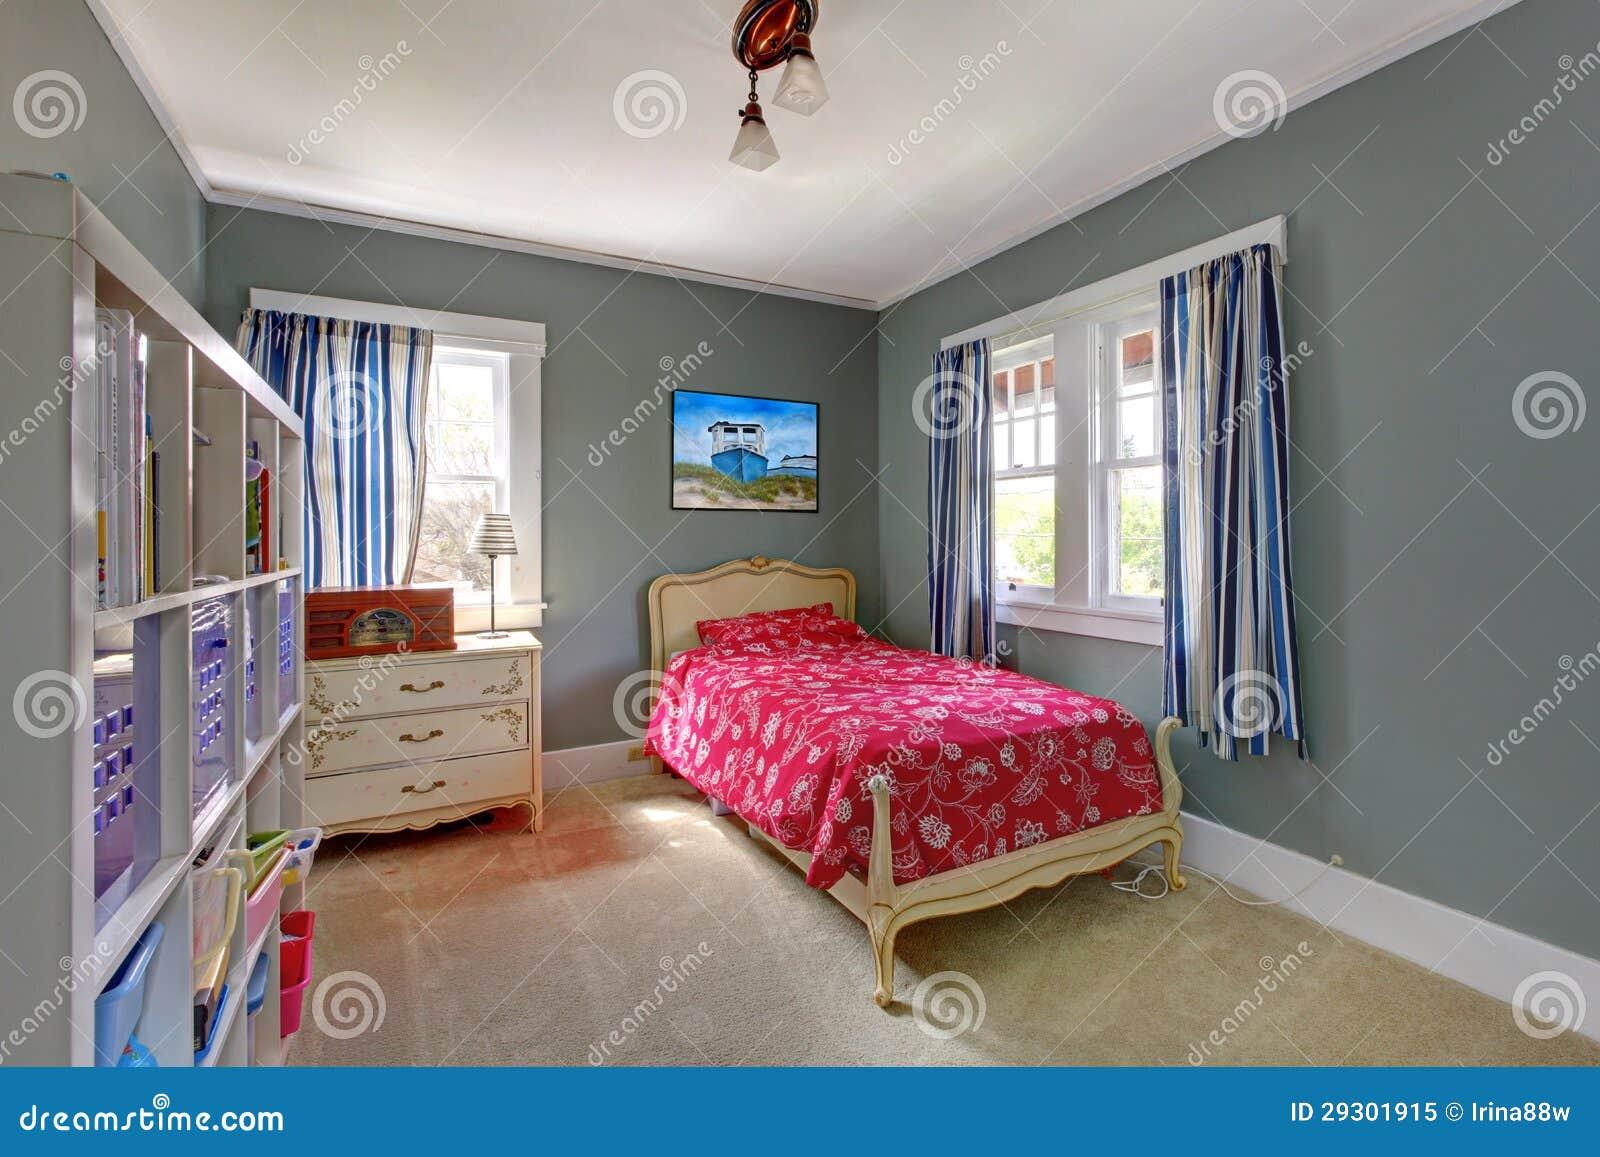 De slaapkamer van jonge geitjes met rood bed en grijze muren royalty vrije stock foto - Foto van tiener slaapkamer ...